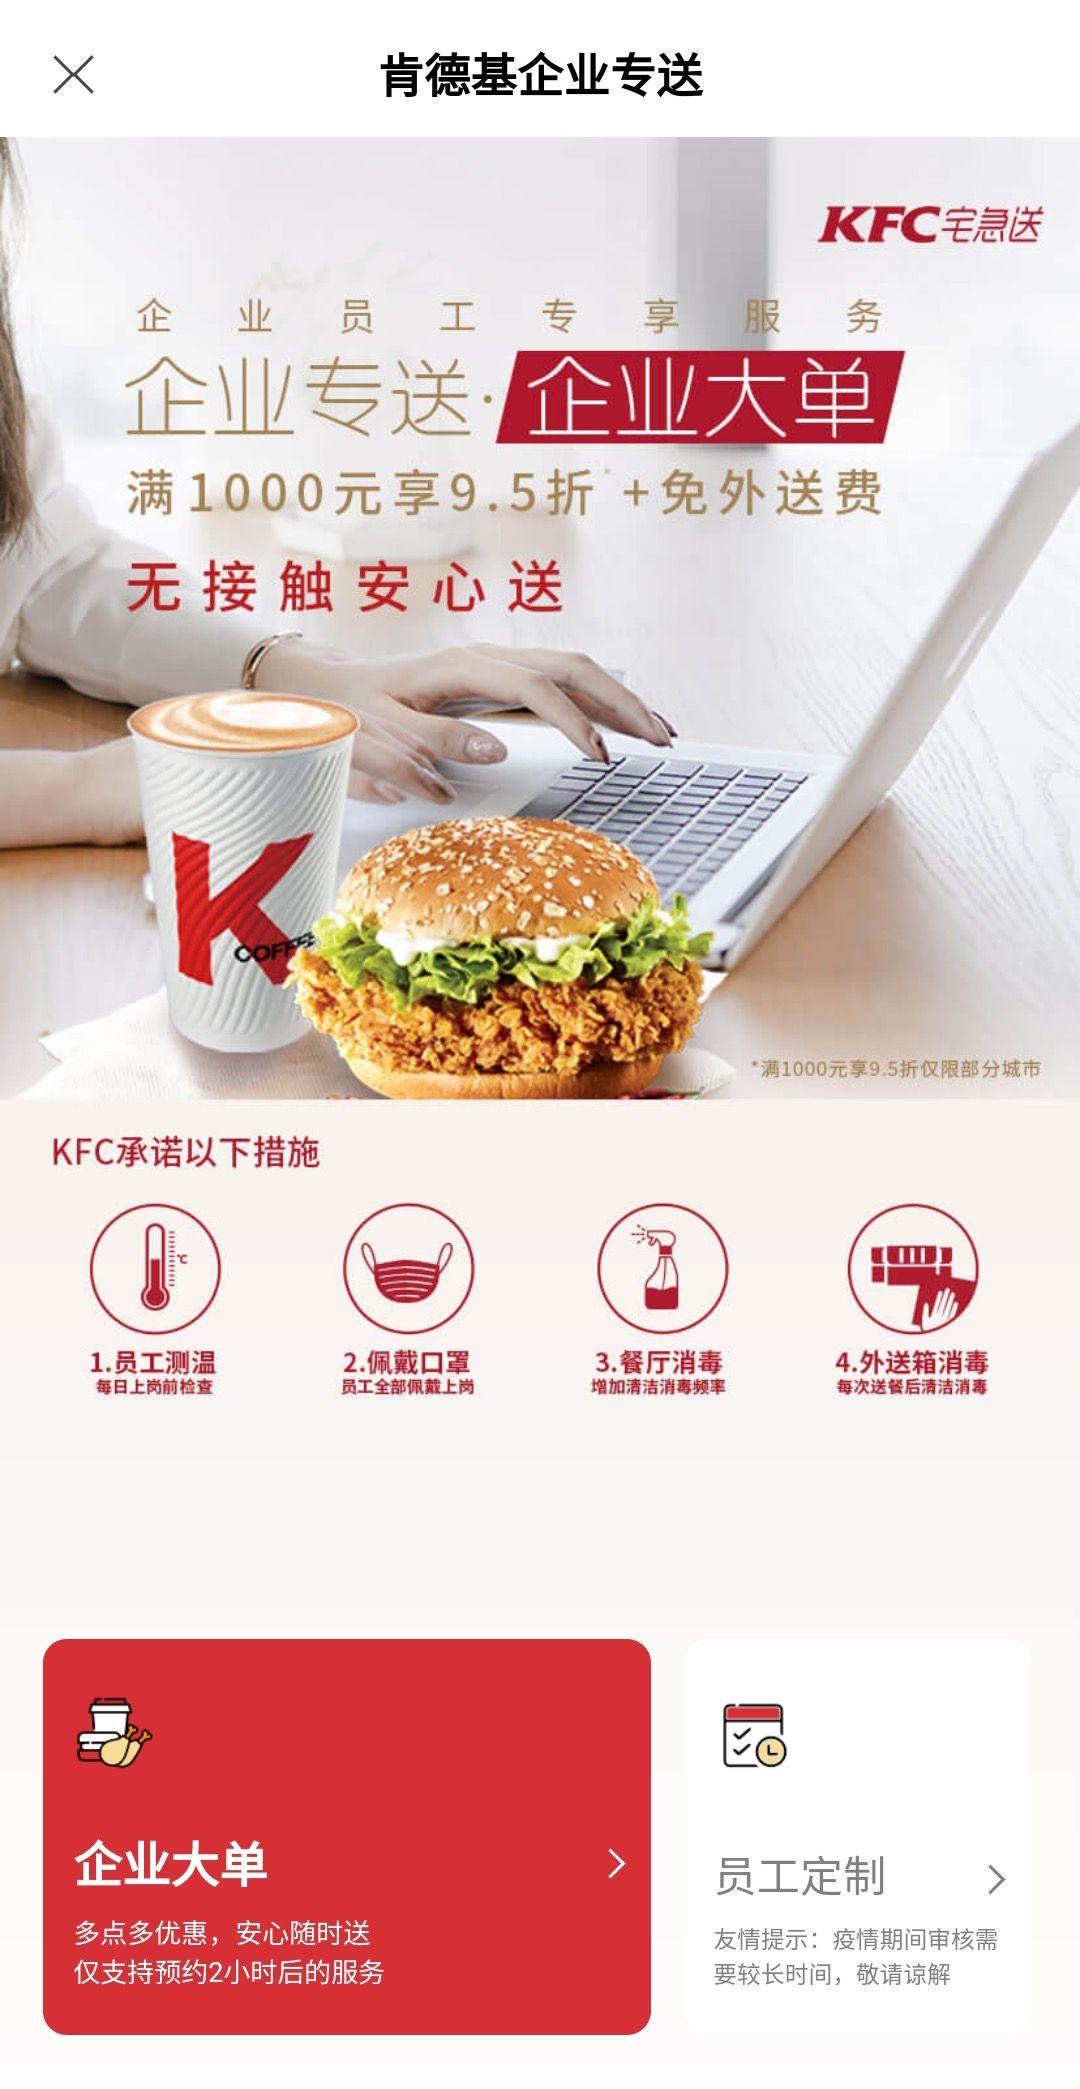 """肯德基、必胜客升级""""企业专送""""服务,应对复工就餐难题图片"""